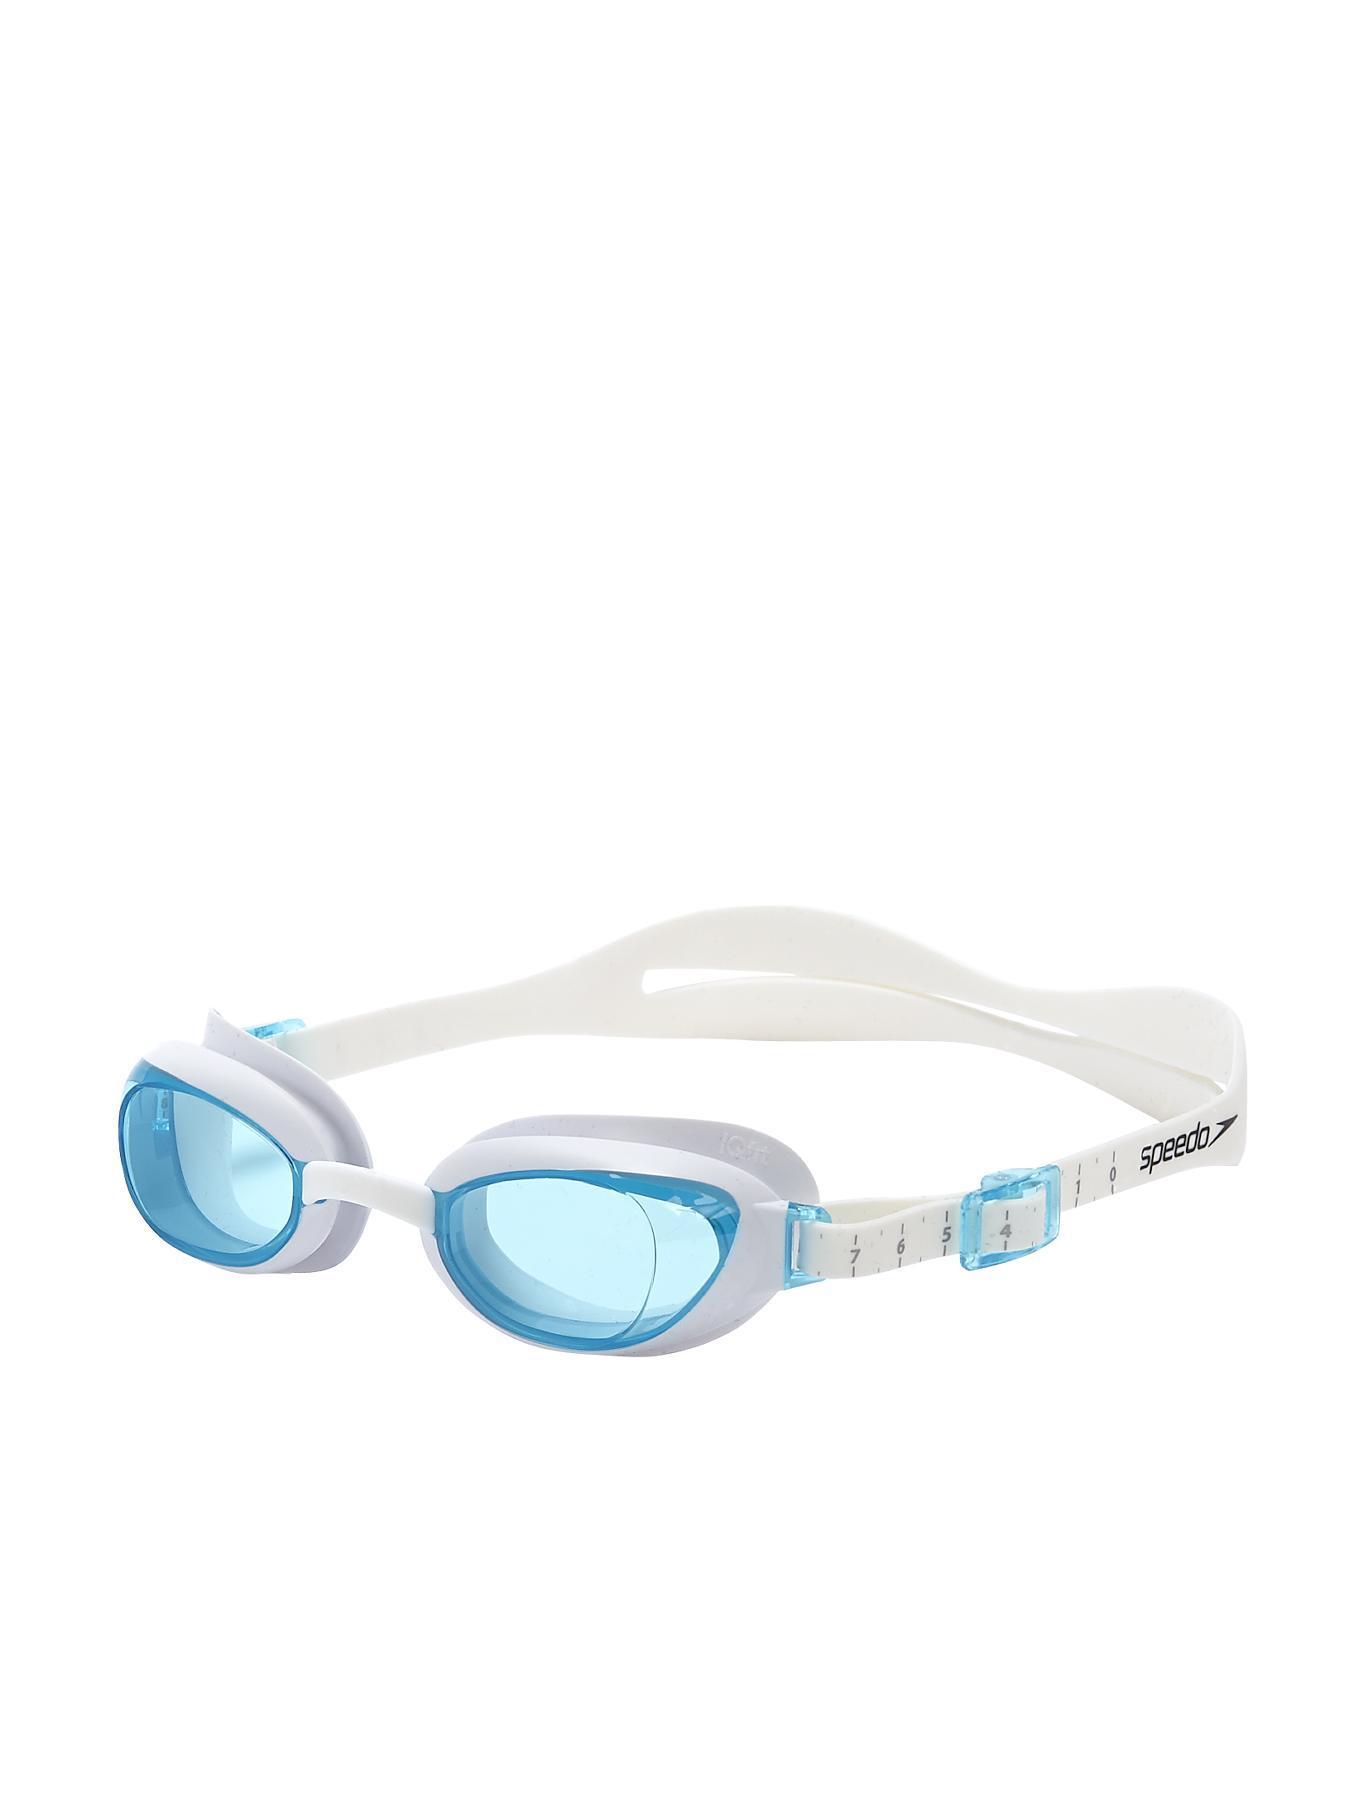 Speedo Aquapure Goggles - White, White